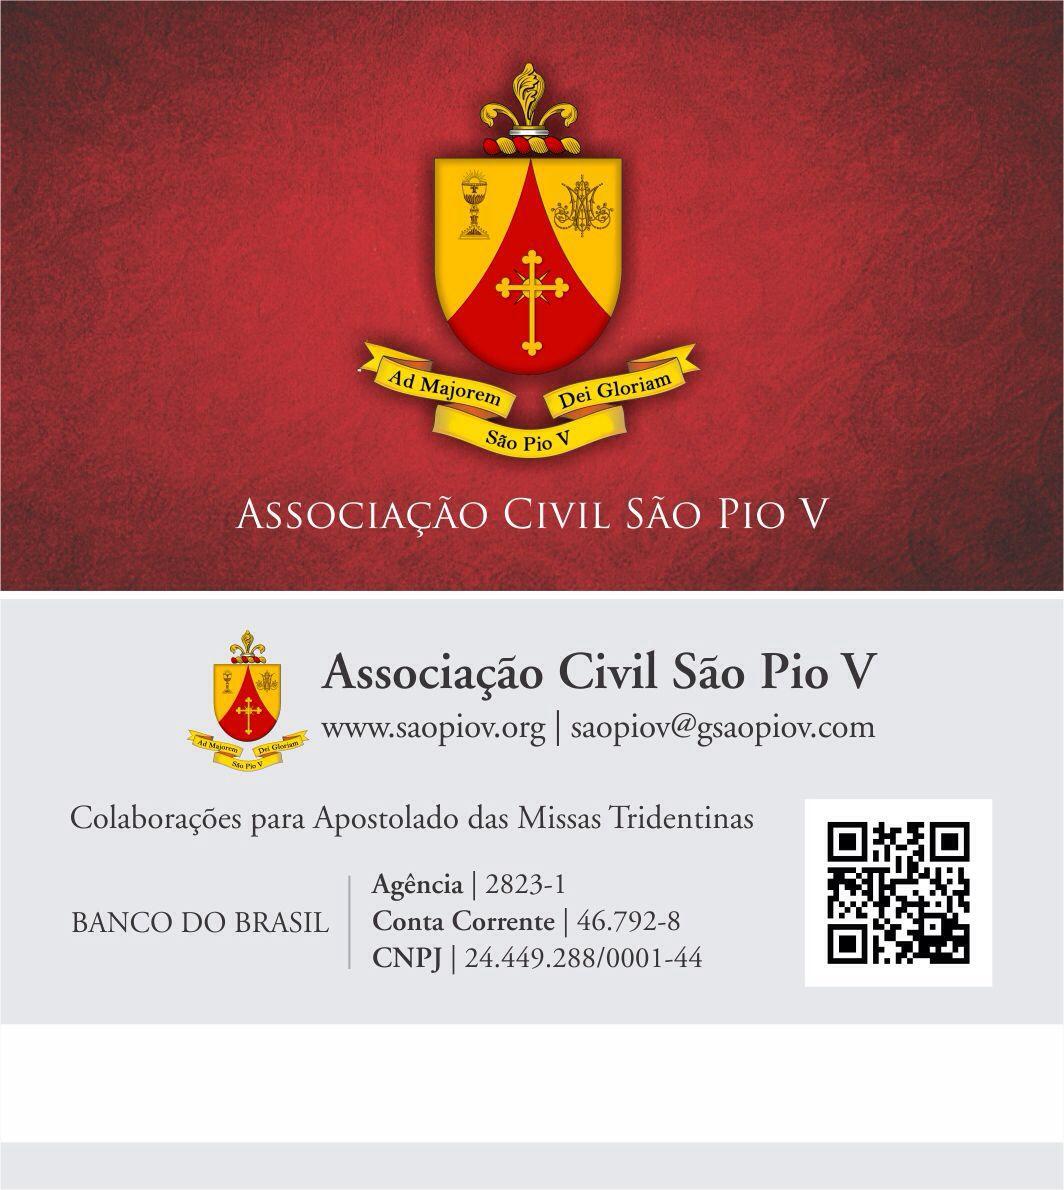 Contribuições para a ACSPV